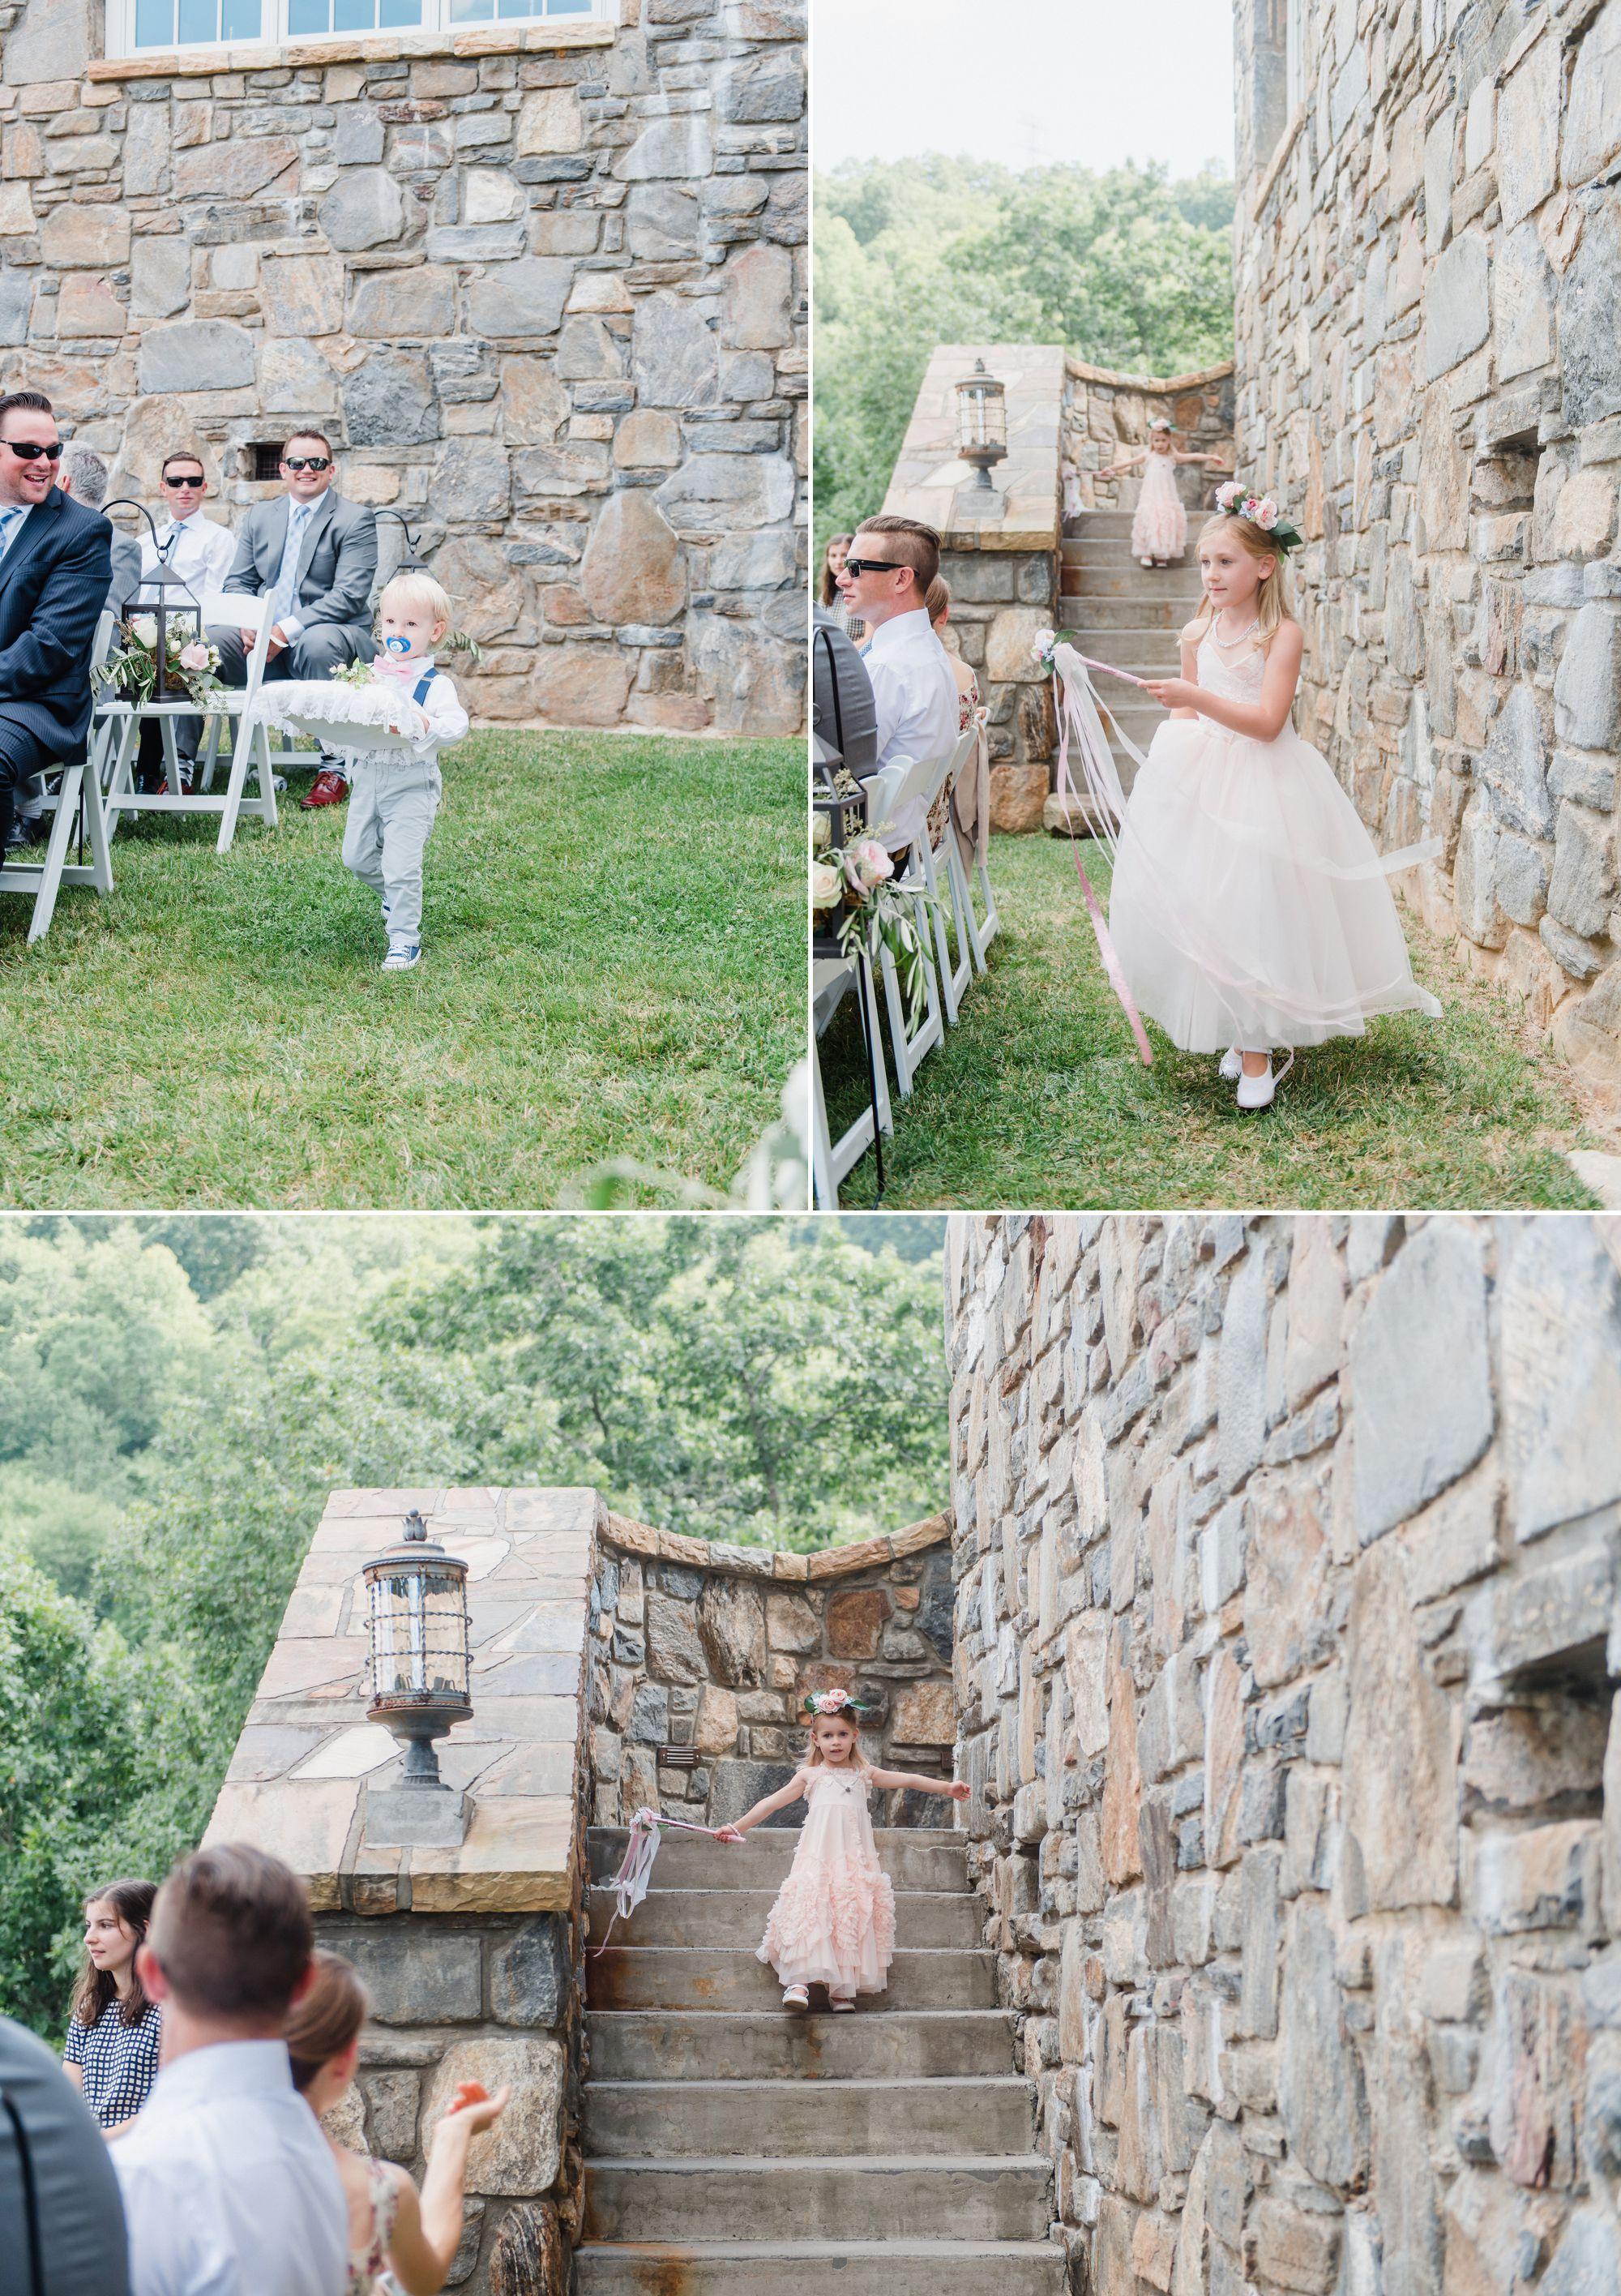 castle-ladyhawke-destination-wedding 29